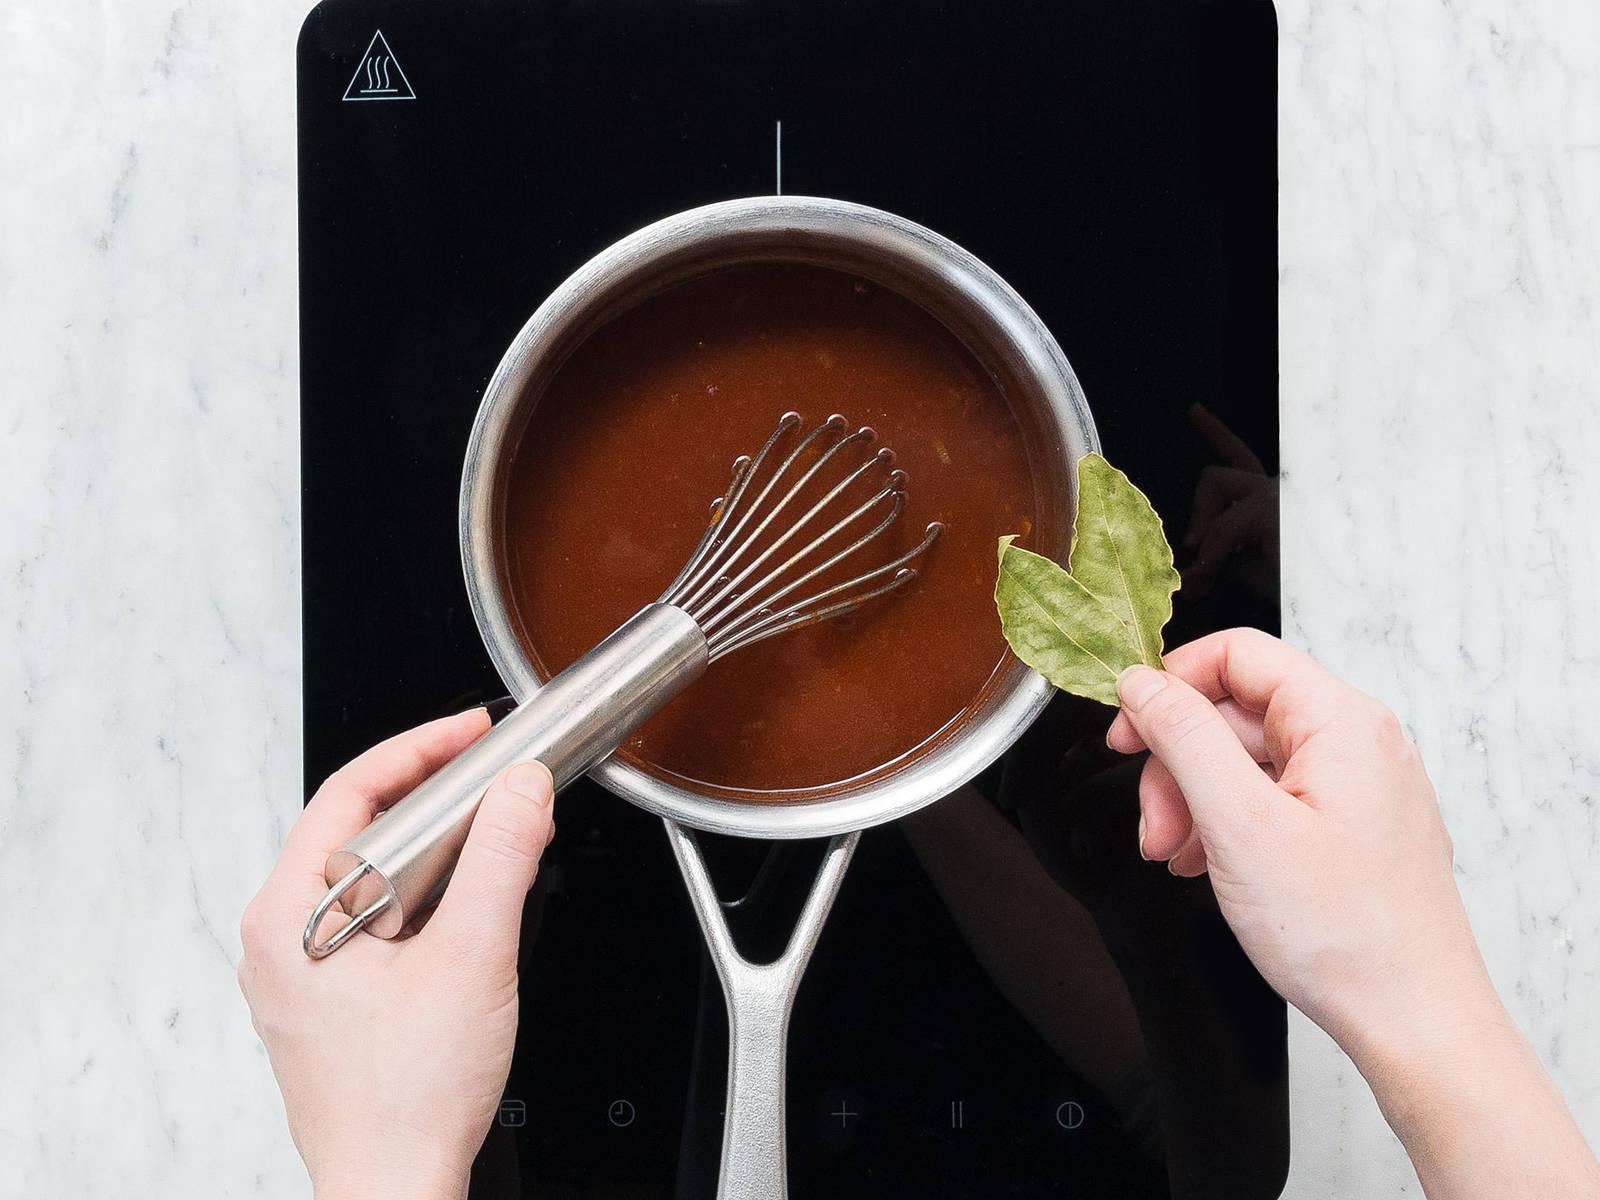 等待时准备酱料:将剩余的洋葱削皮切丁。在平底锅中热油,翻炒洋葱4-5分钟。倒入剩余的番茄酱和面粉,煎3-4分钟,直至混合物颜色变深,且稍微变棕。倒入蔬菜高汤、红酒、酱油,放月桂叶和丁香。煮沸后调至中小火,煮15分钟。撒盐与胡椒调味。将酱汁保温至坚果烤肉做好,然后取出其中的月桂叶和丁香。将烤肉搭配酱汁和土豆泥享用。饰以欧芹。祝好胃口!